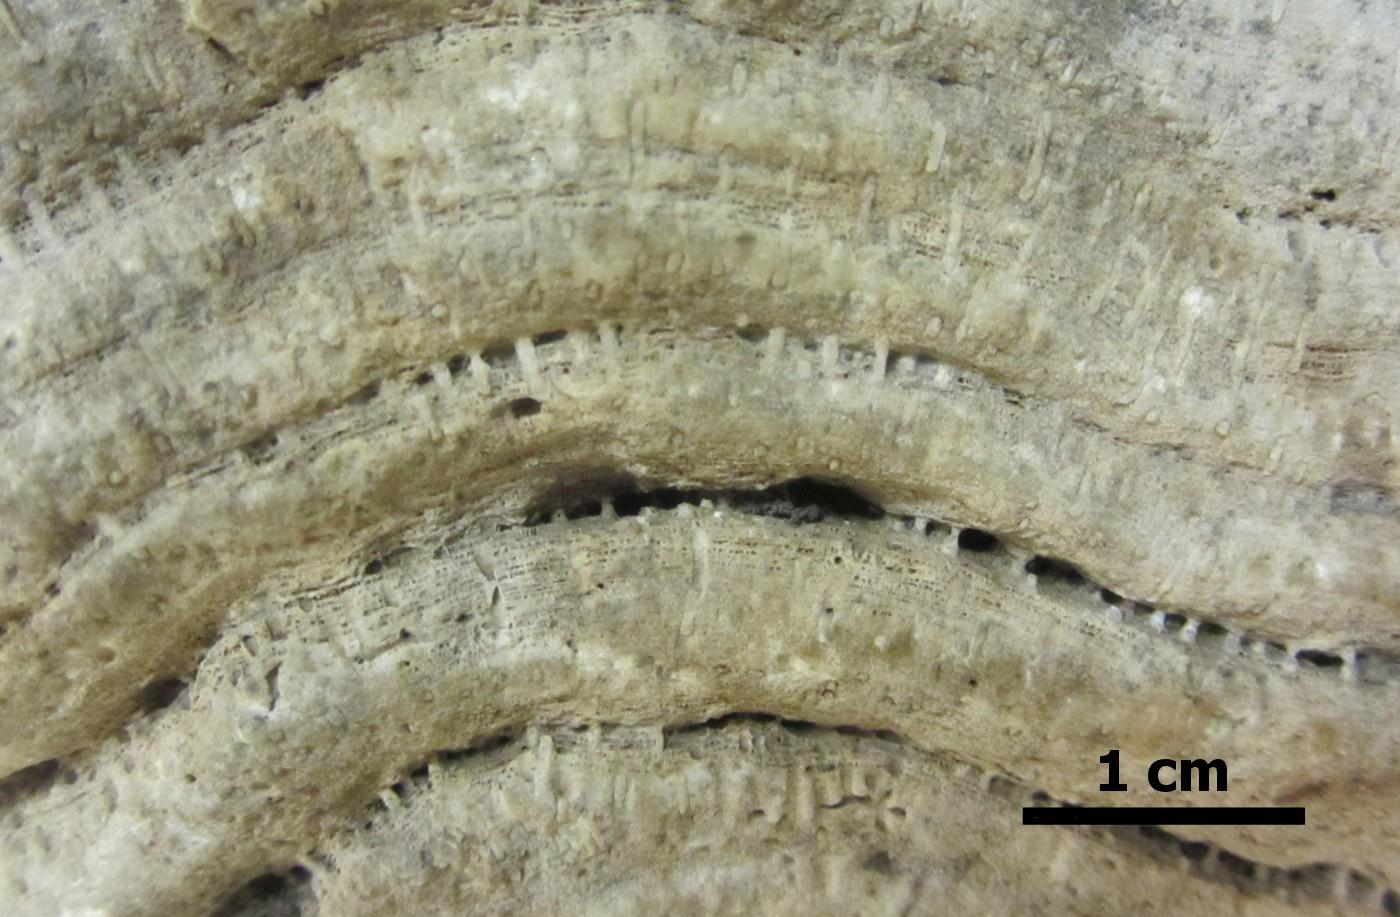 Skamieniałość gąbki z grupy stromatoporoidów, znalezionej w osadach polodowcowych północnej Polski.